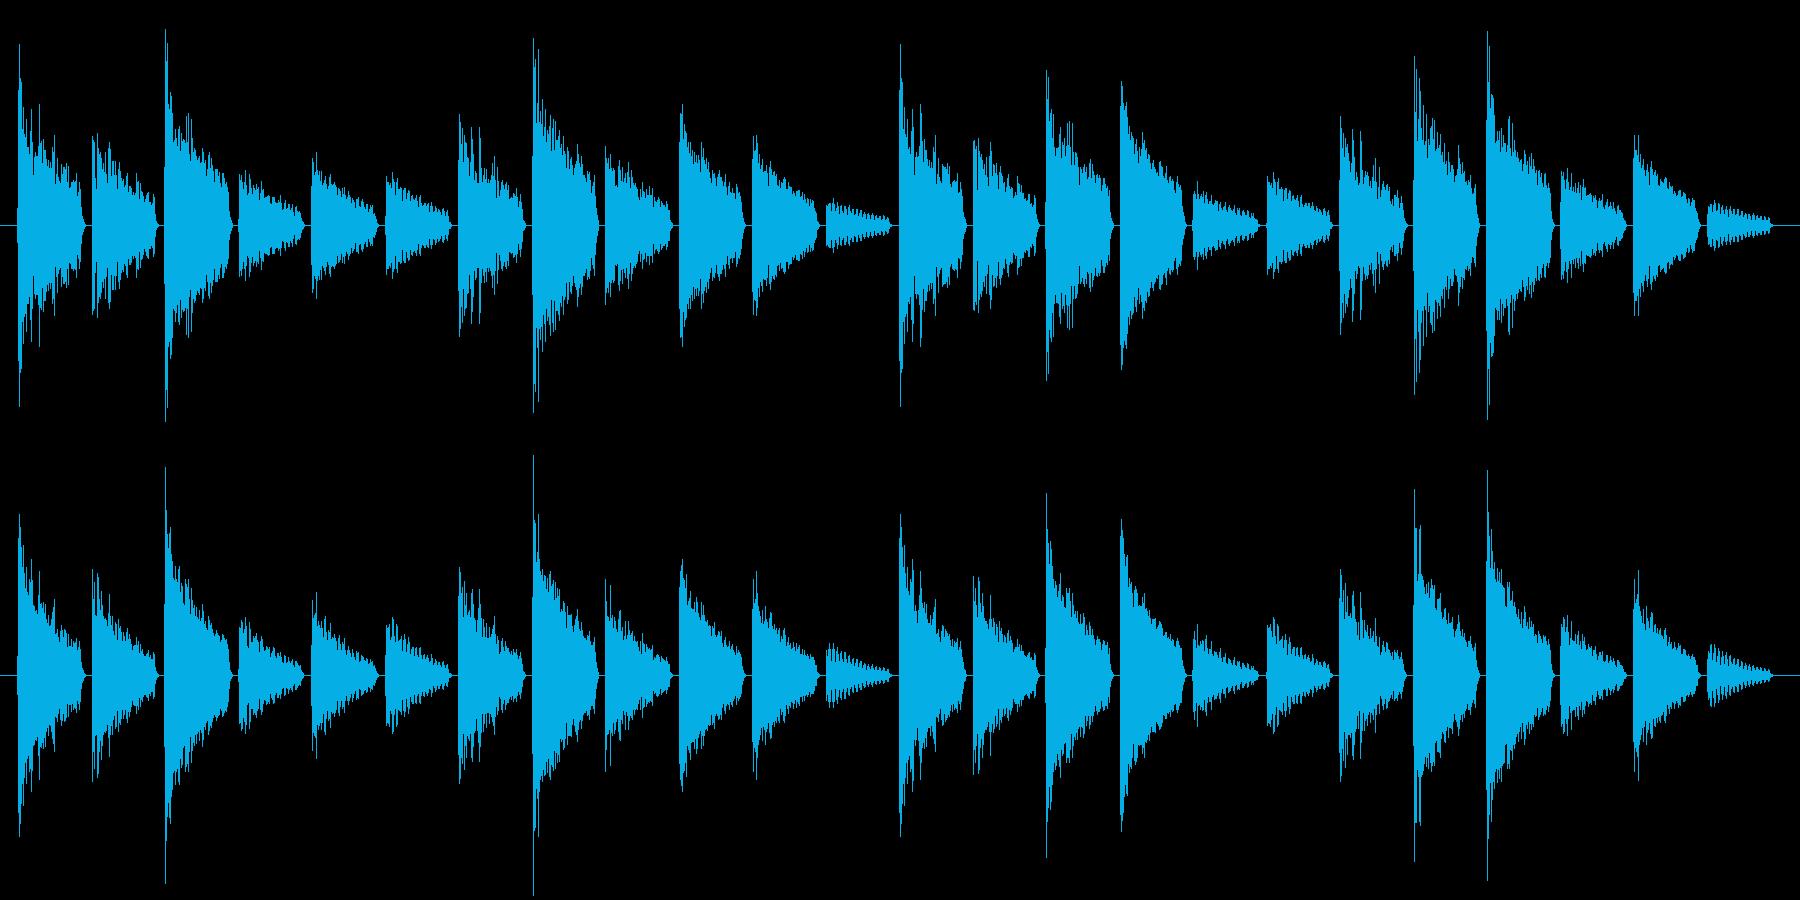 危険を知らせるアラート音(警戒度:中)の再生済みの波形